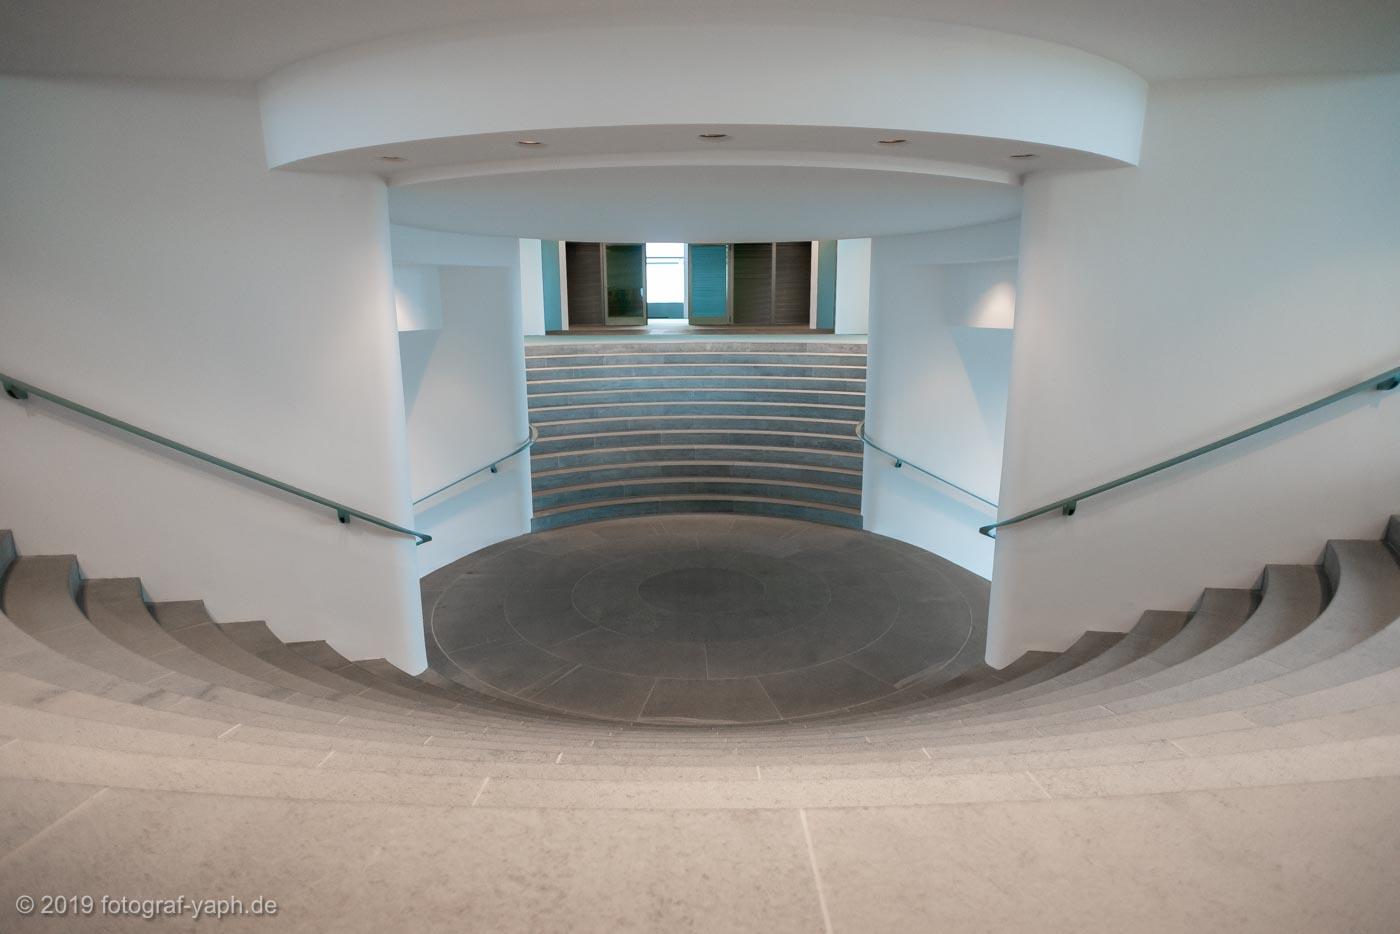 Die Treppen vom Foyer im Bundeskanzleramt Berlin ist wie ein Amphitheater angelegt